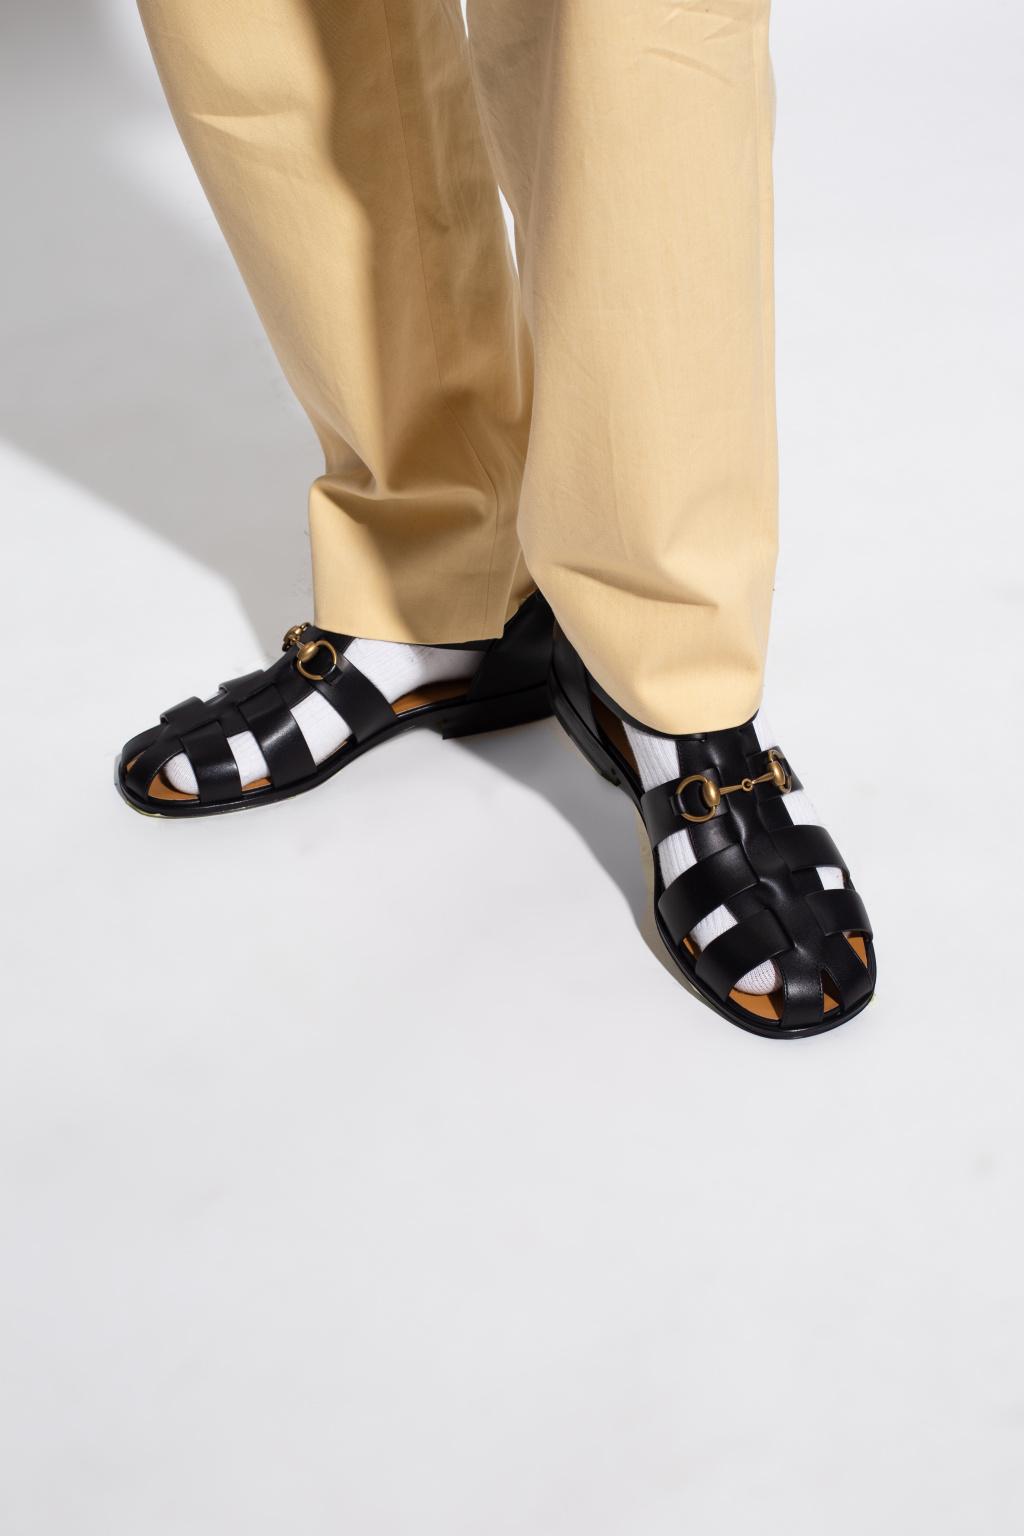 Gucci 'Jakarta' sandals